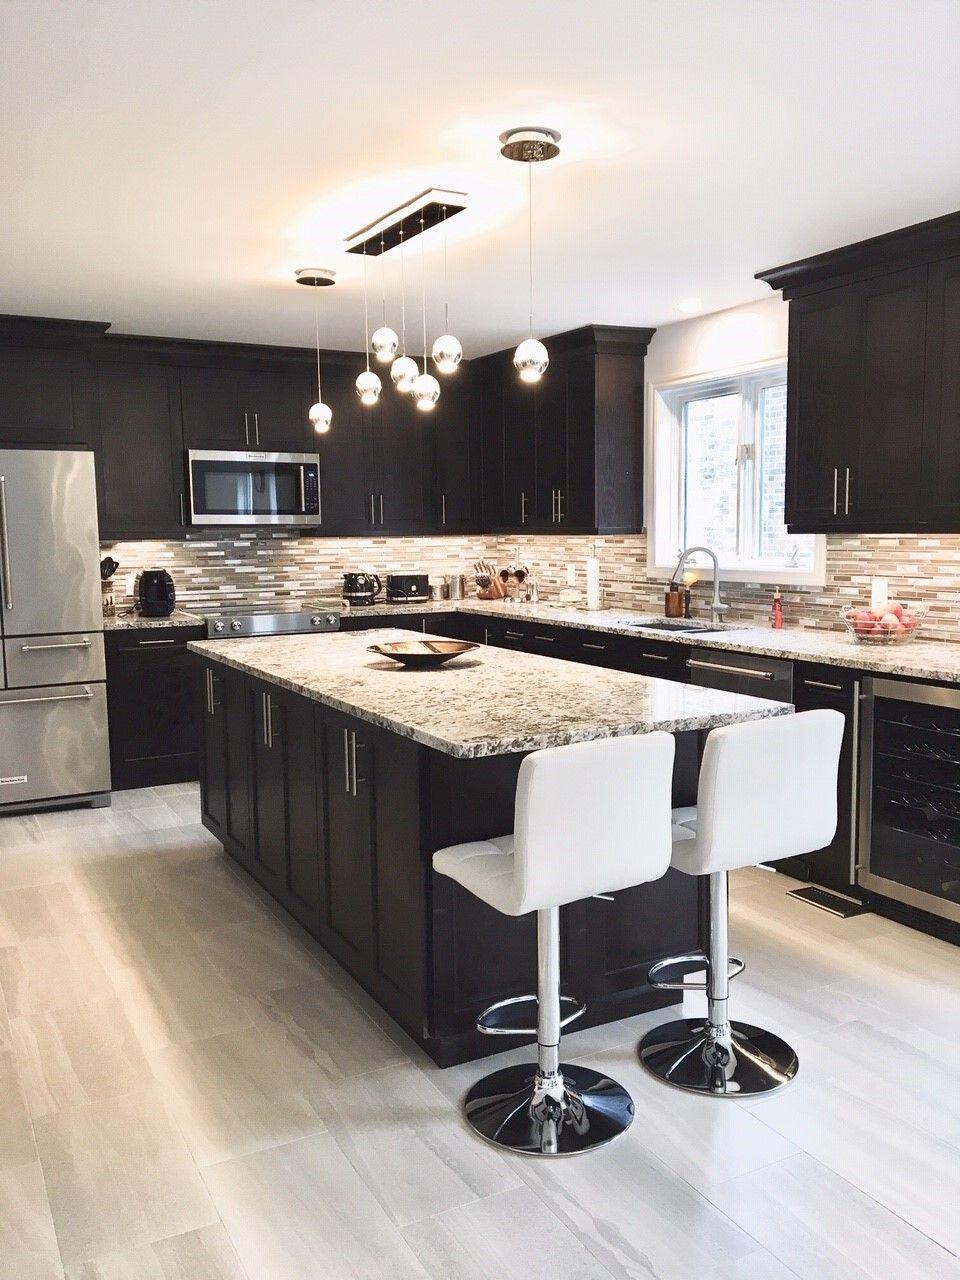 Hollings Oak In Stout In 2020 Kitchen Inspiration Design Cheap Kitchen Renovations Kitchen Design Small